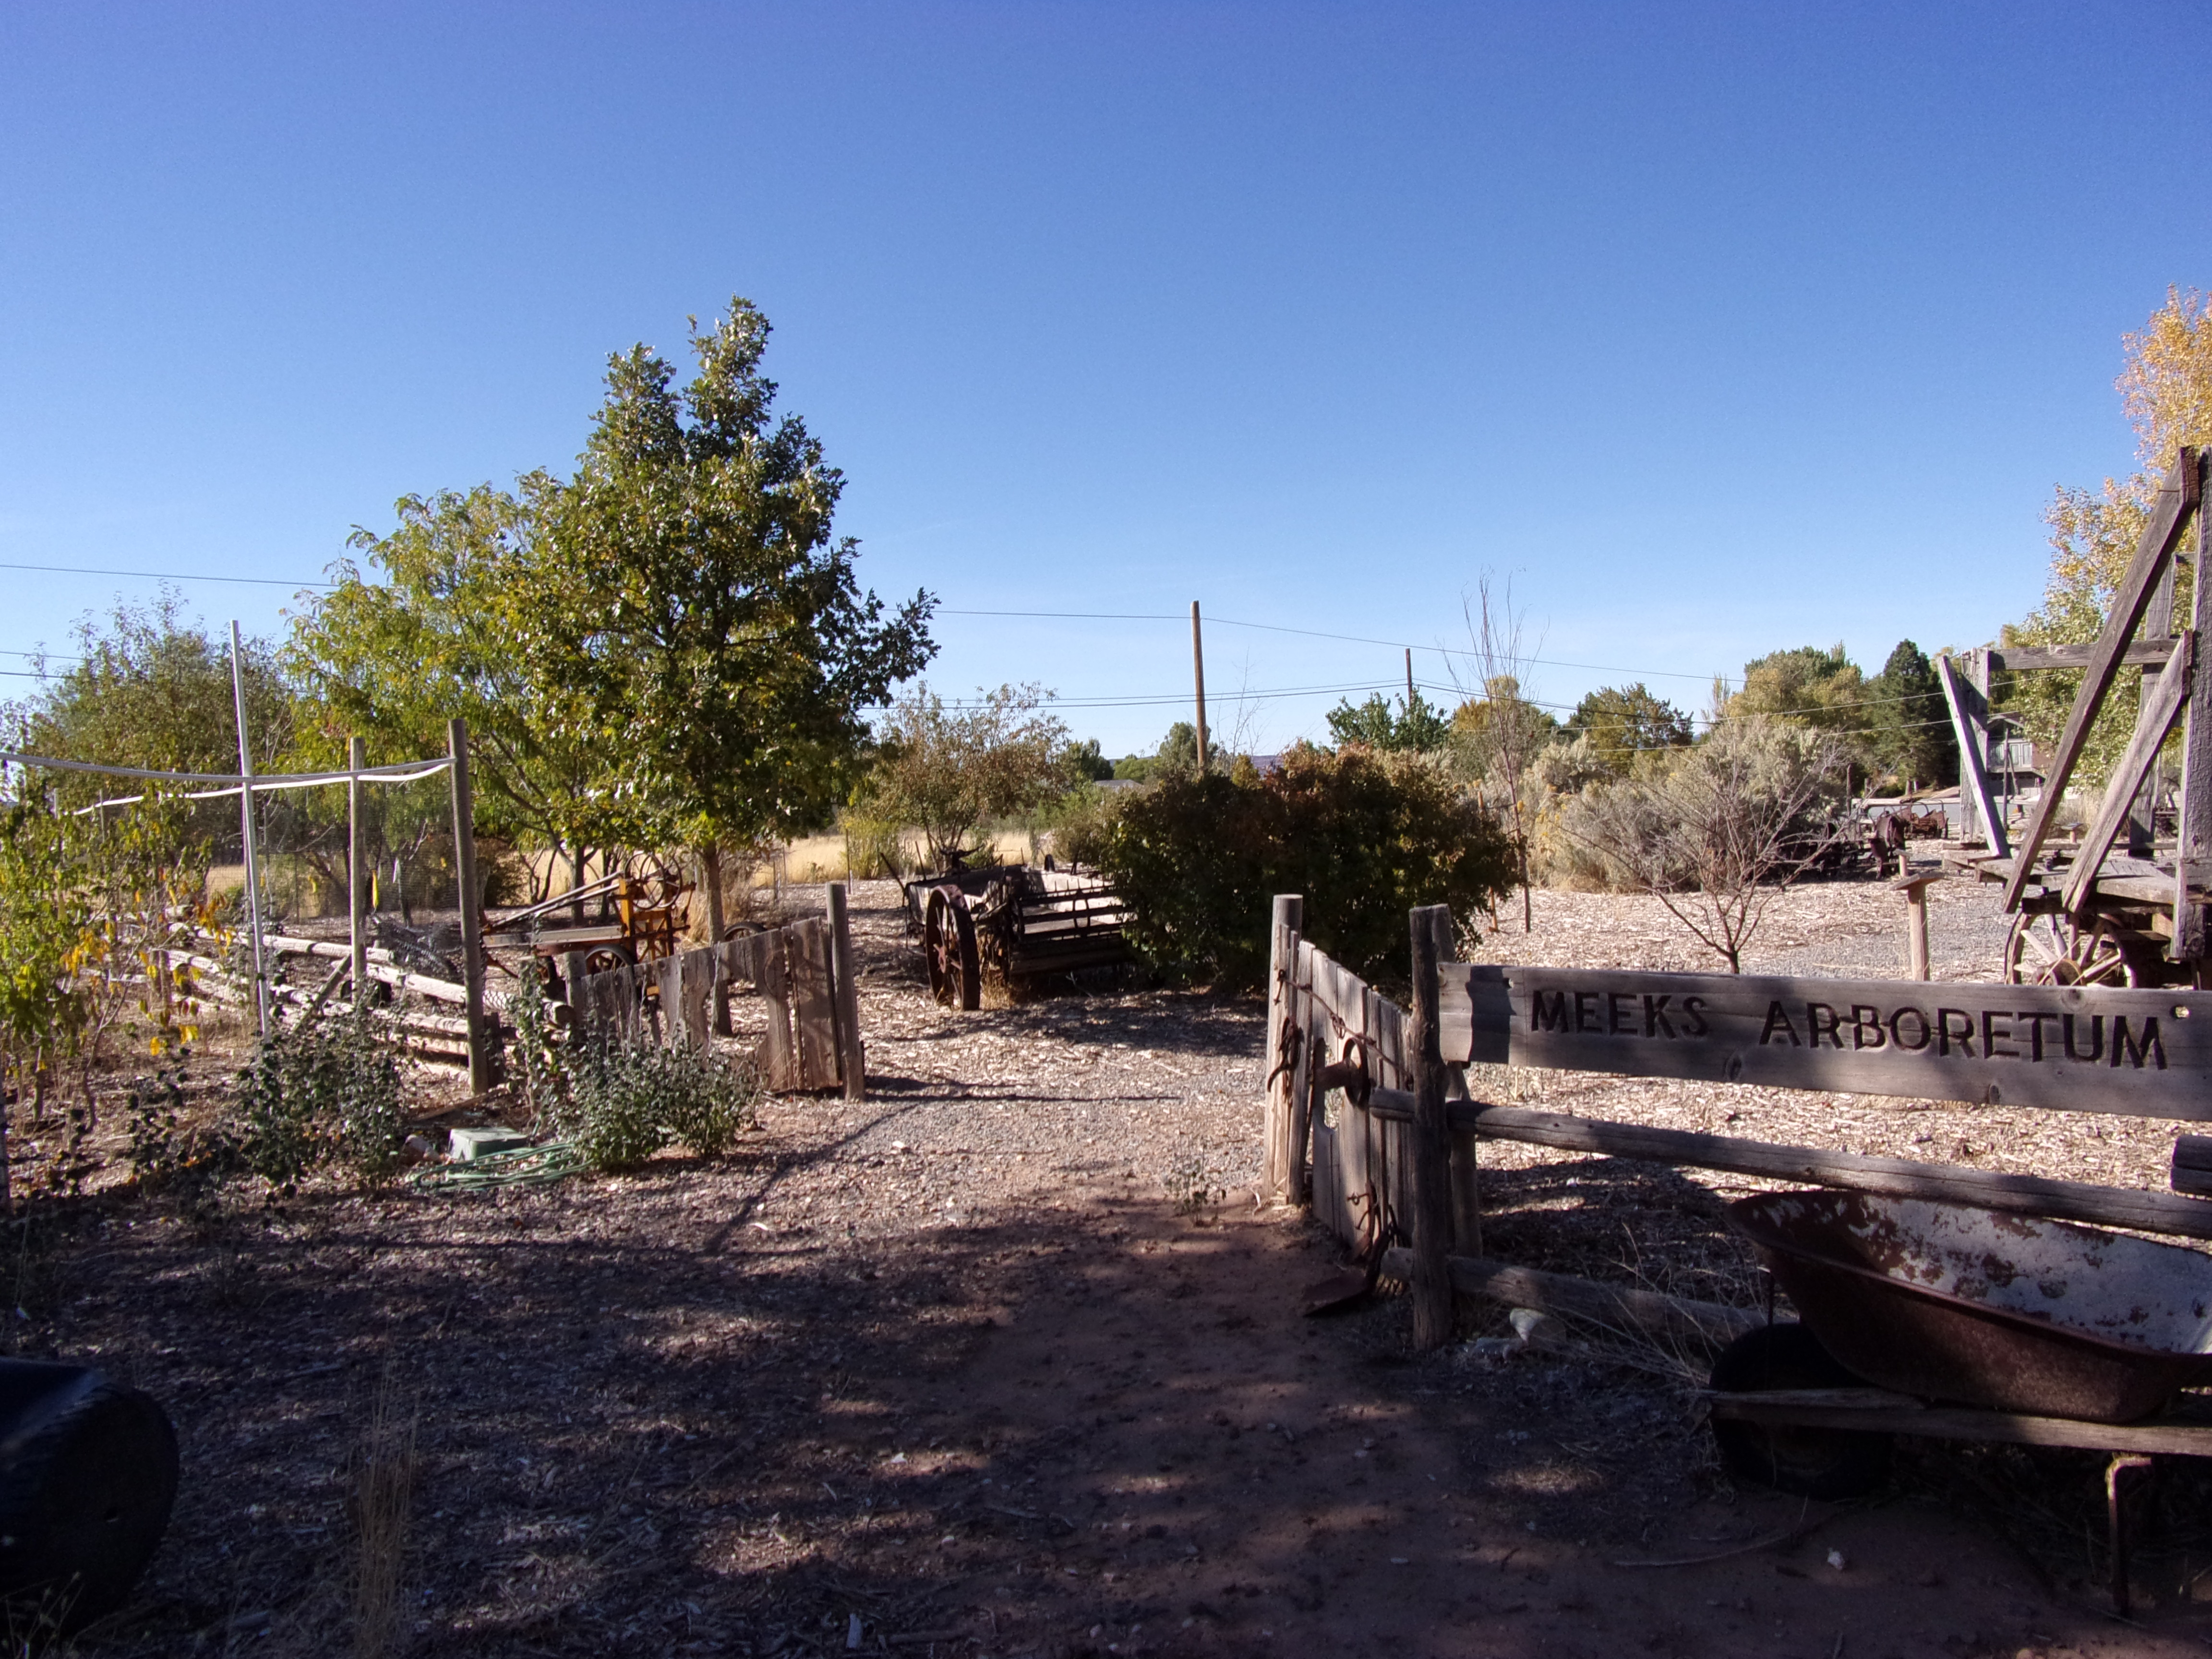 Meeks' Arboretum